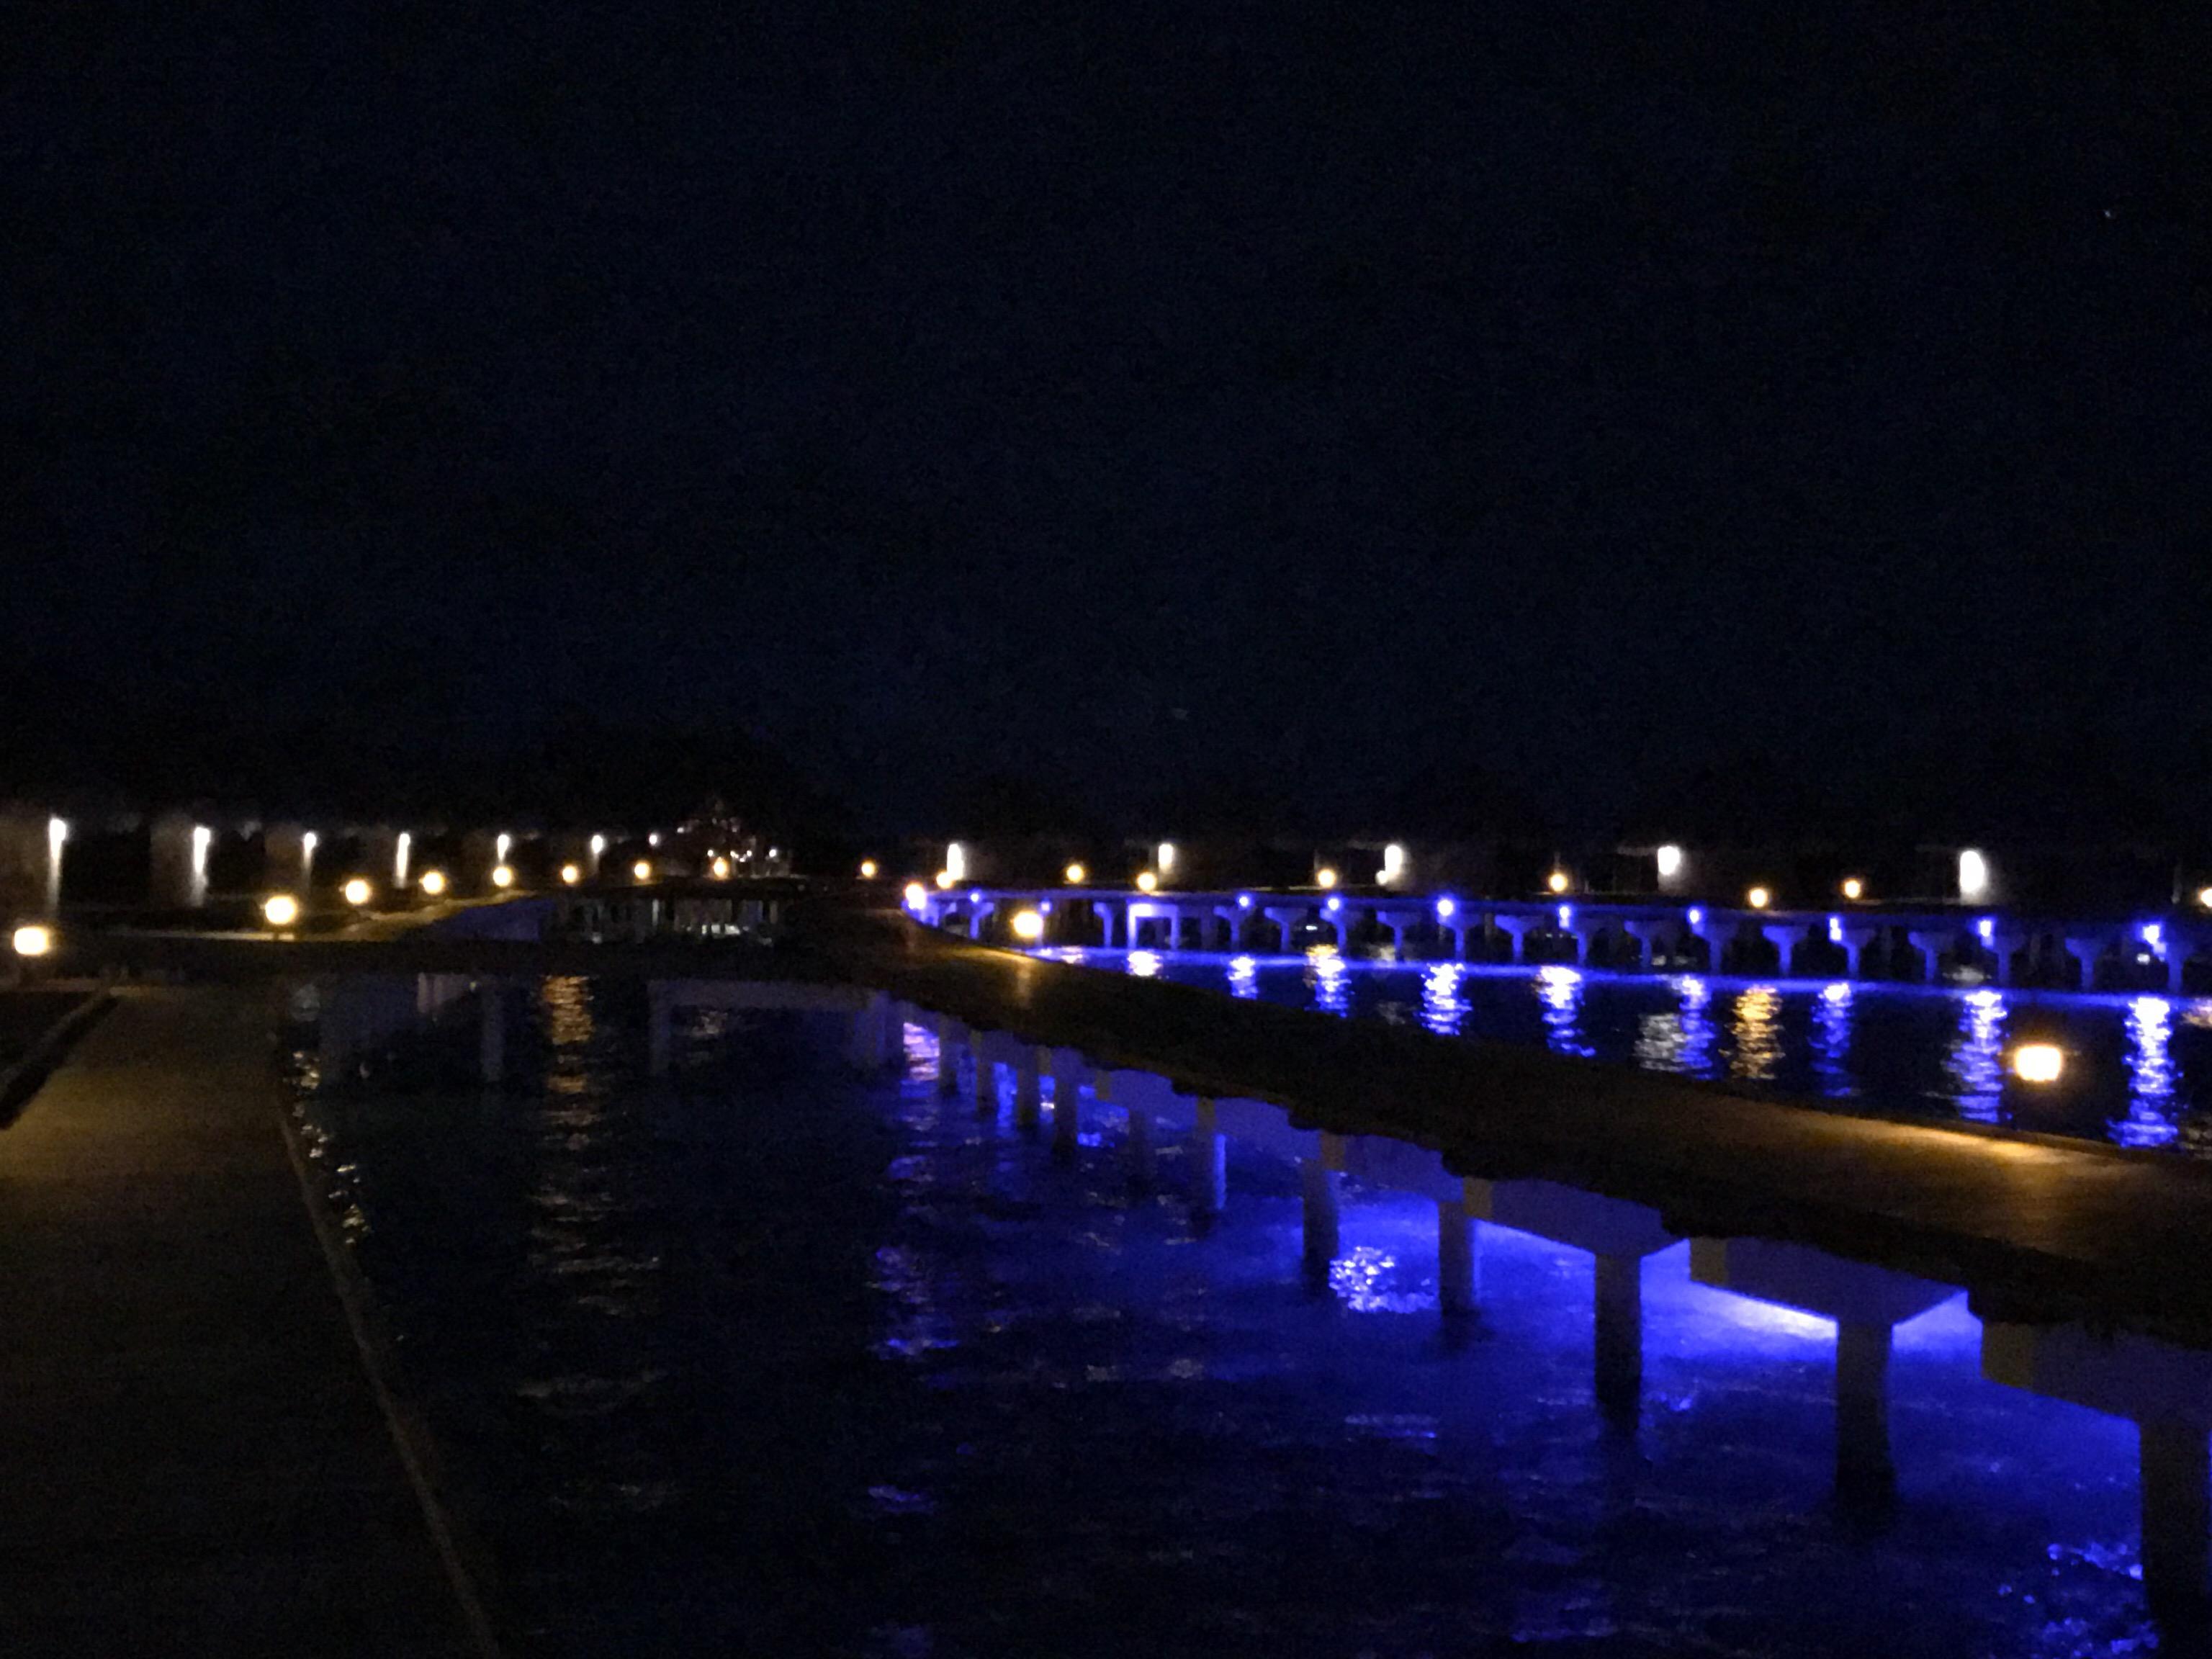 モルディブのリゾート、タージエキゾティカの水上コテージ前